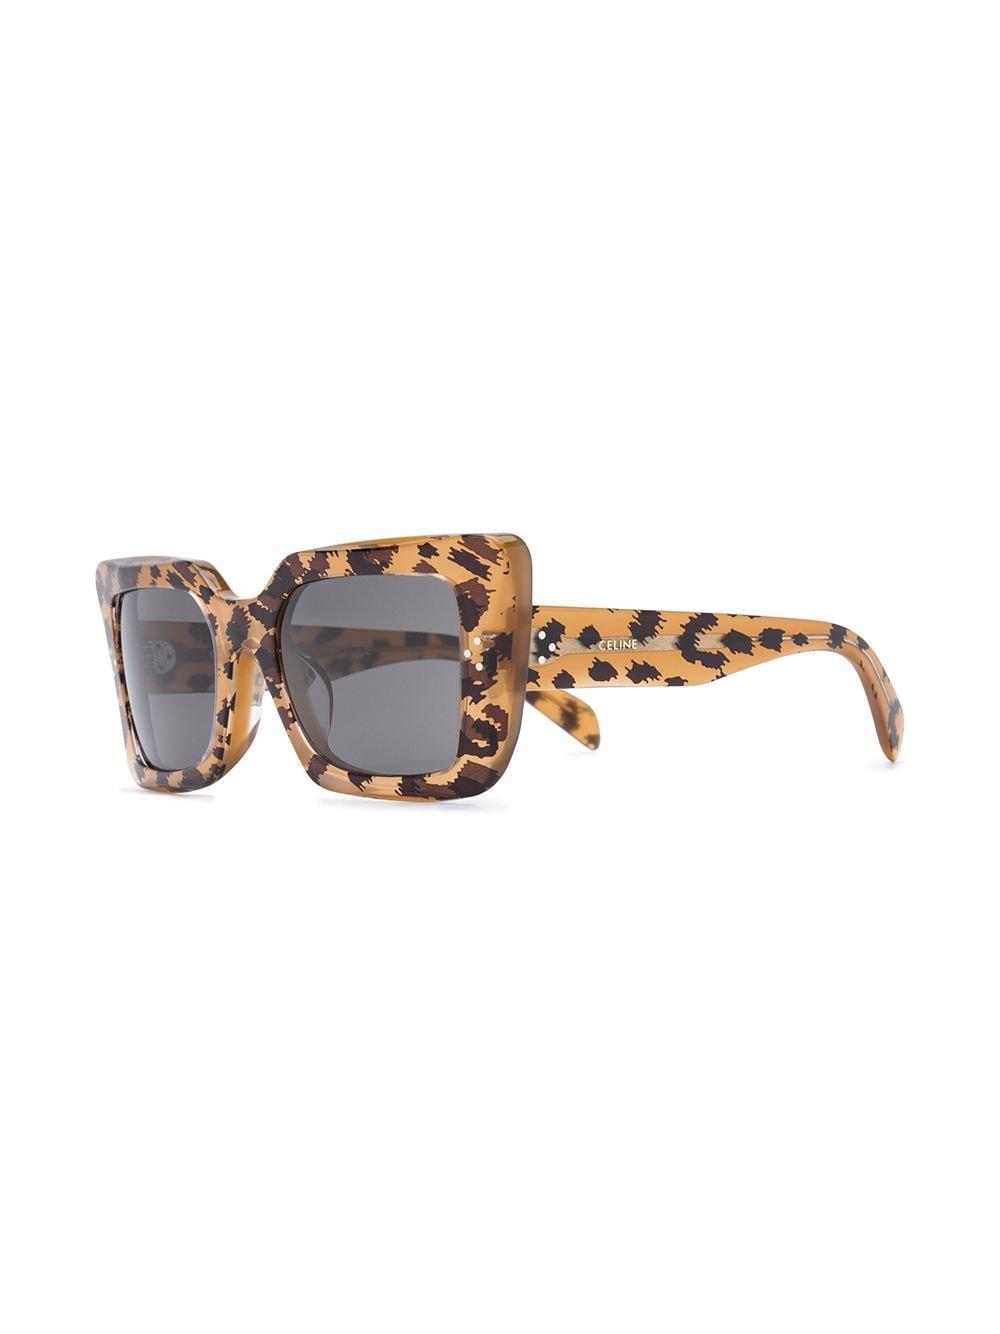 Picture of Celine | Square S156 Sunglasses